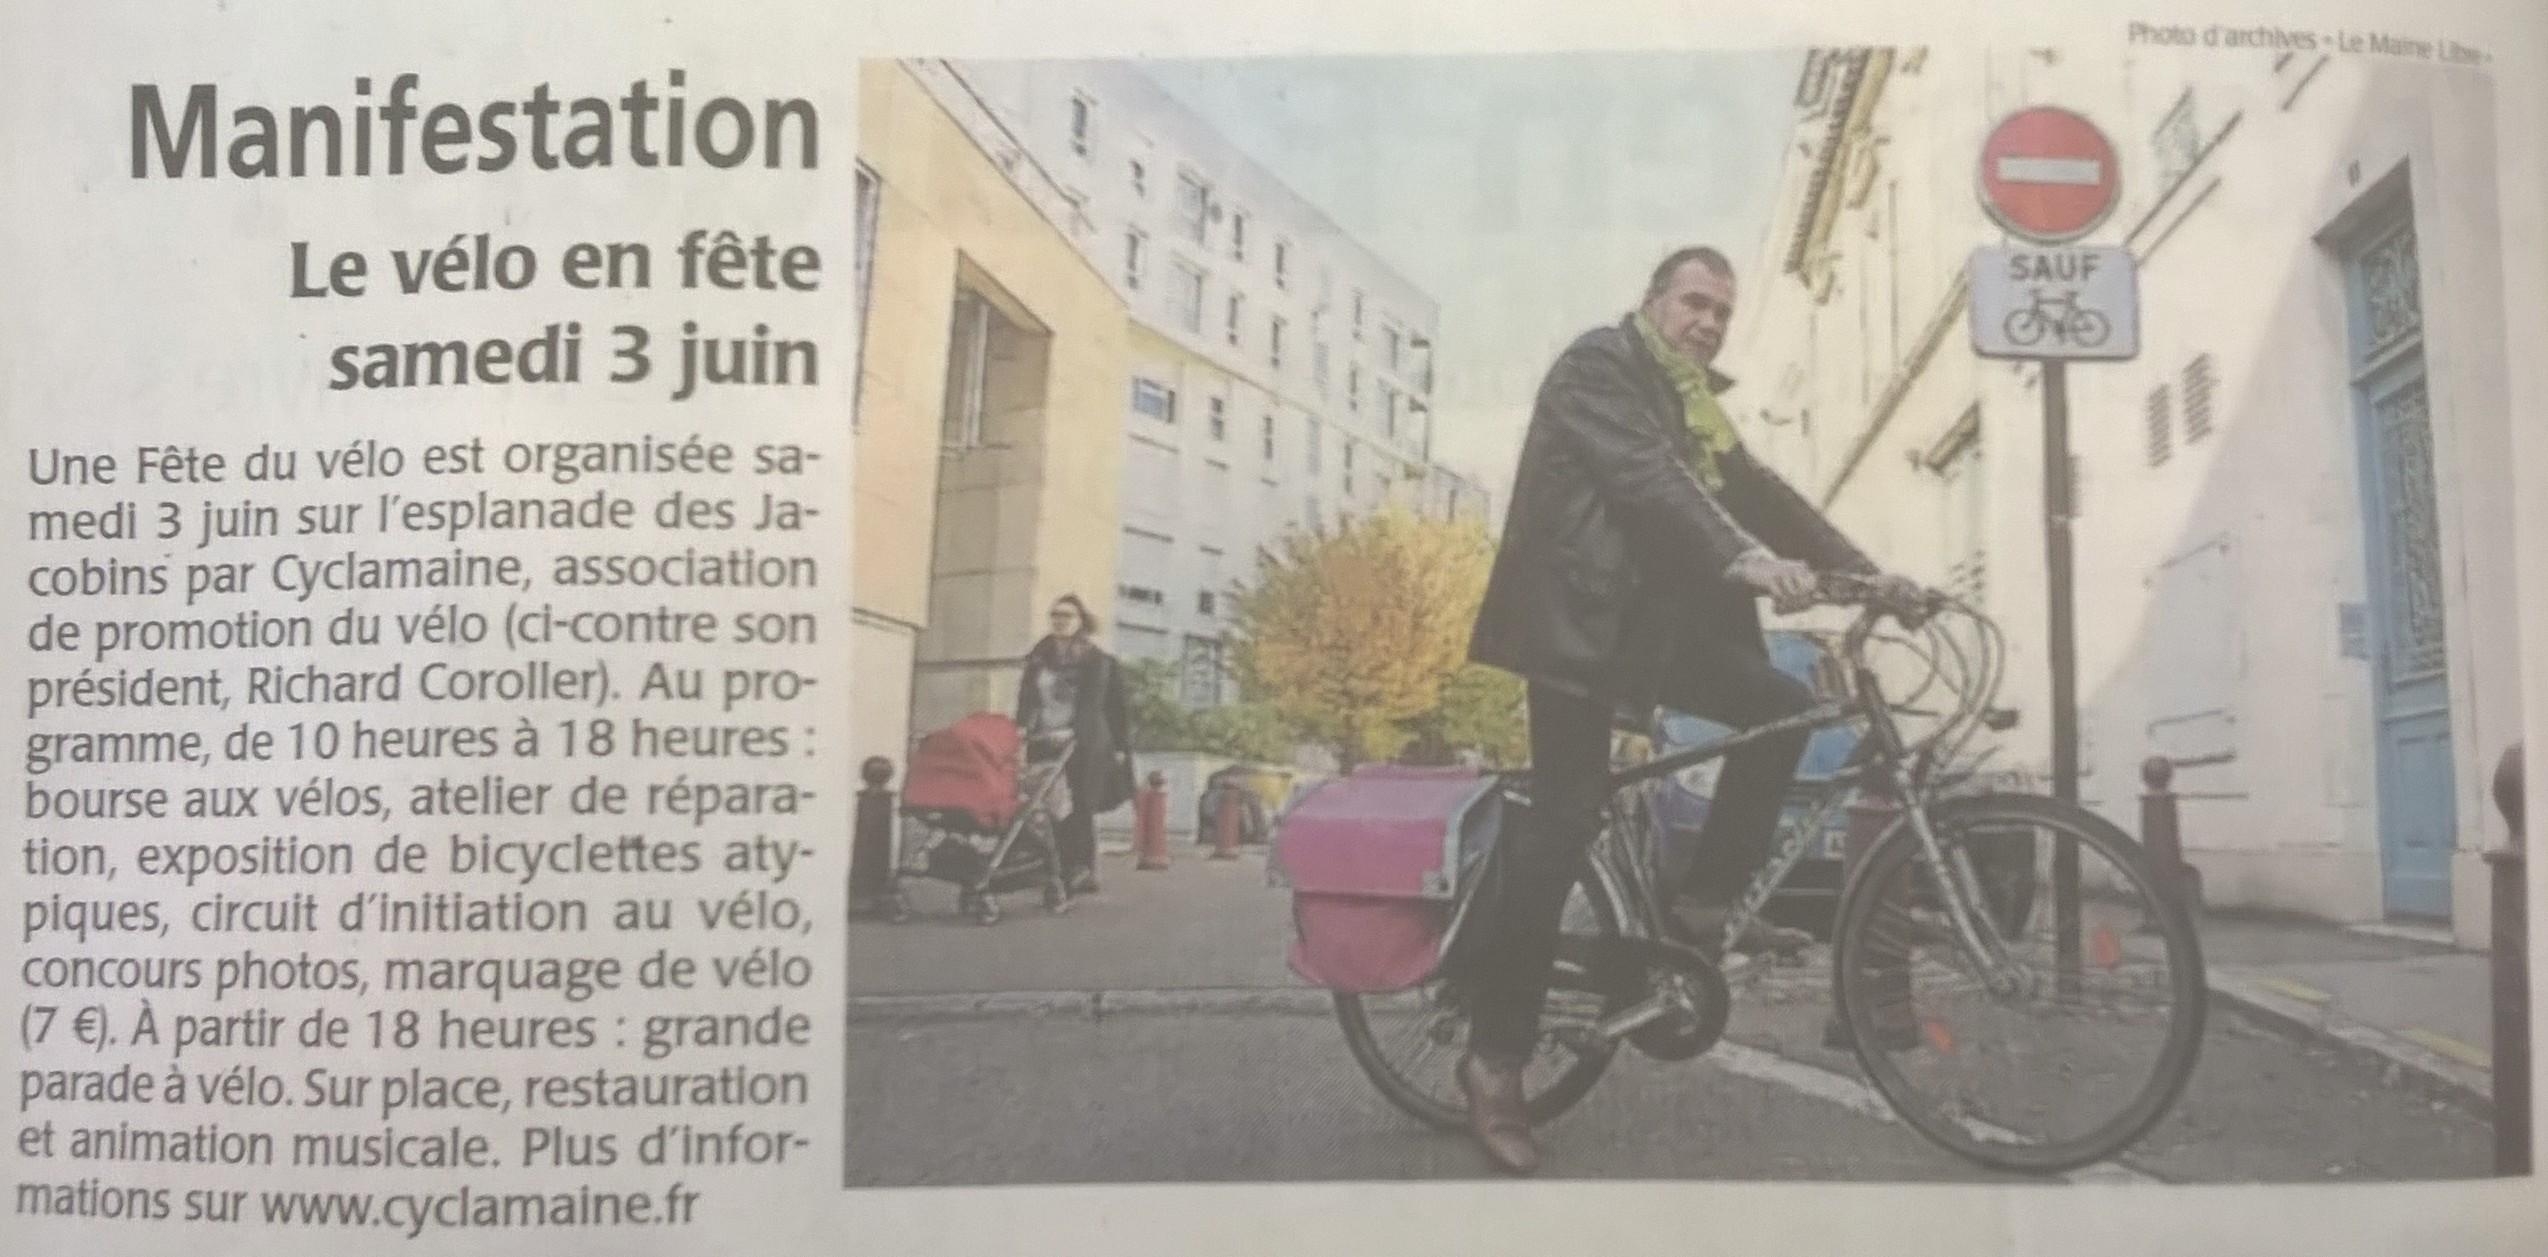 Fête du Vélo – Presse